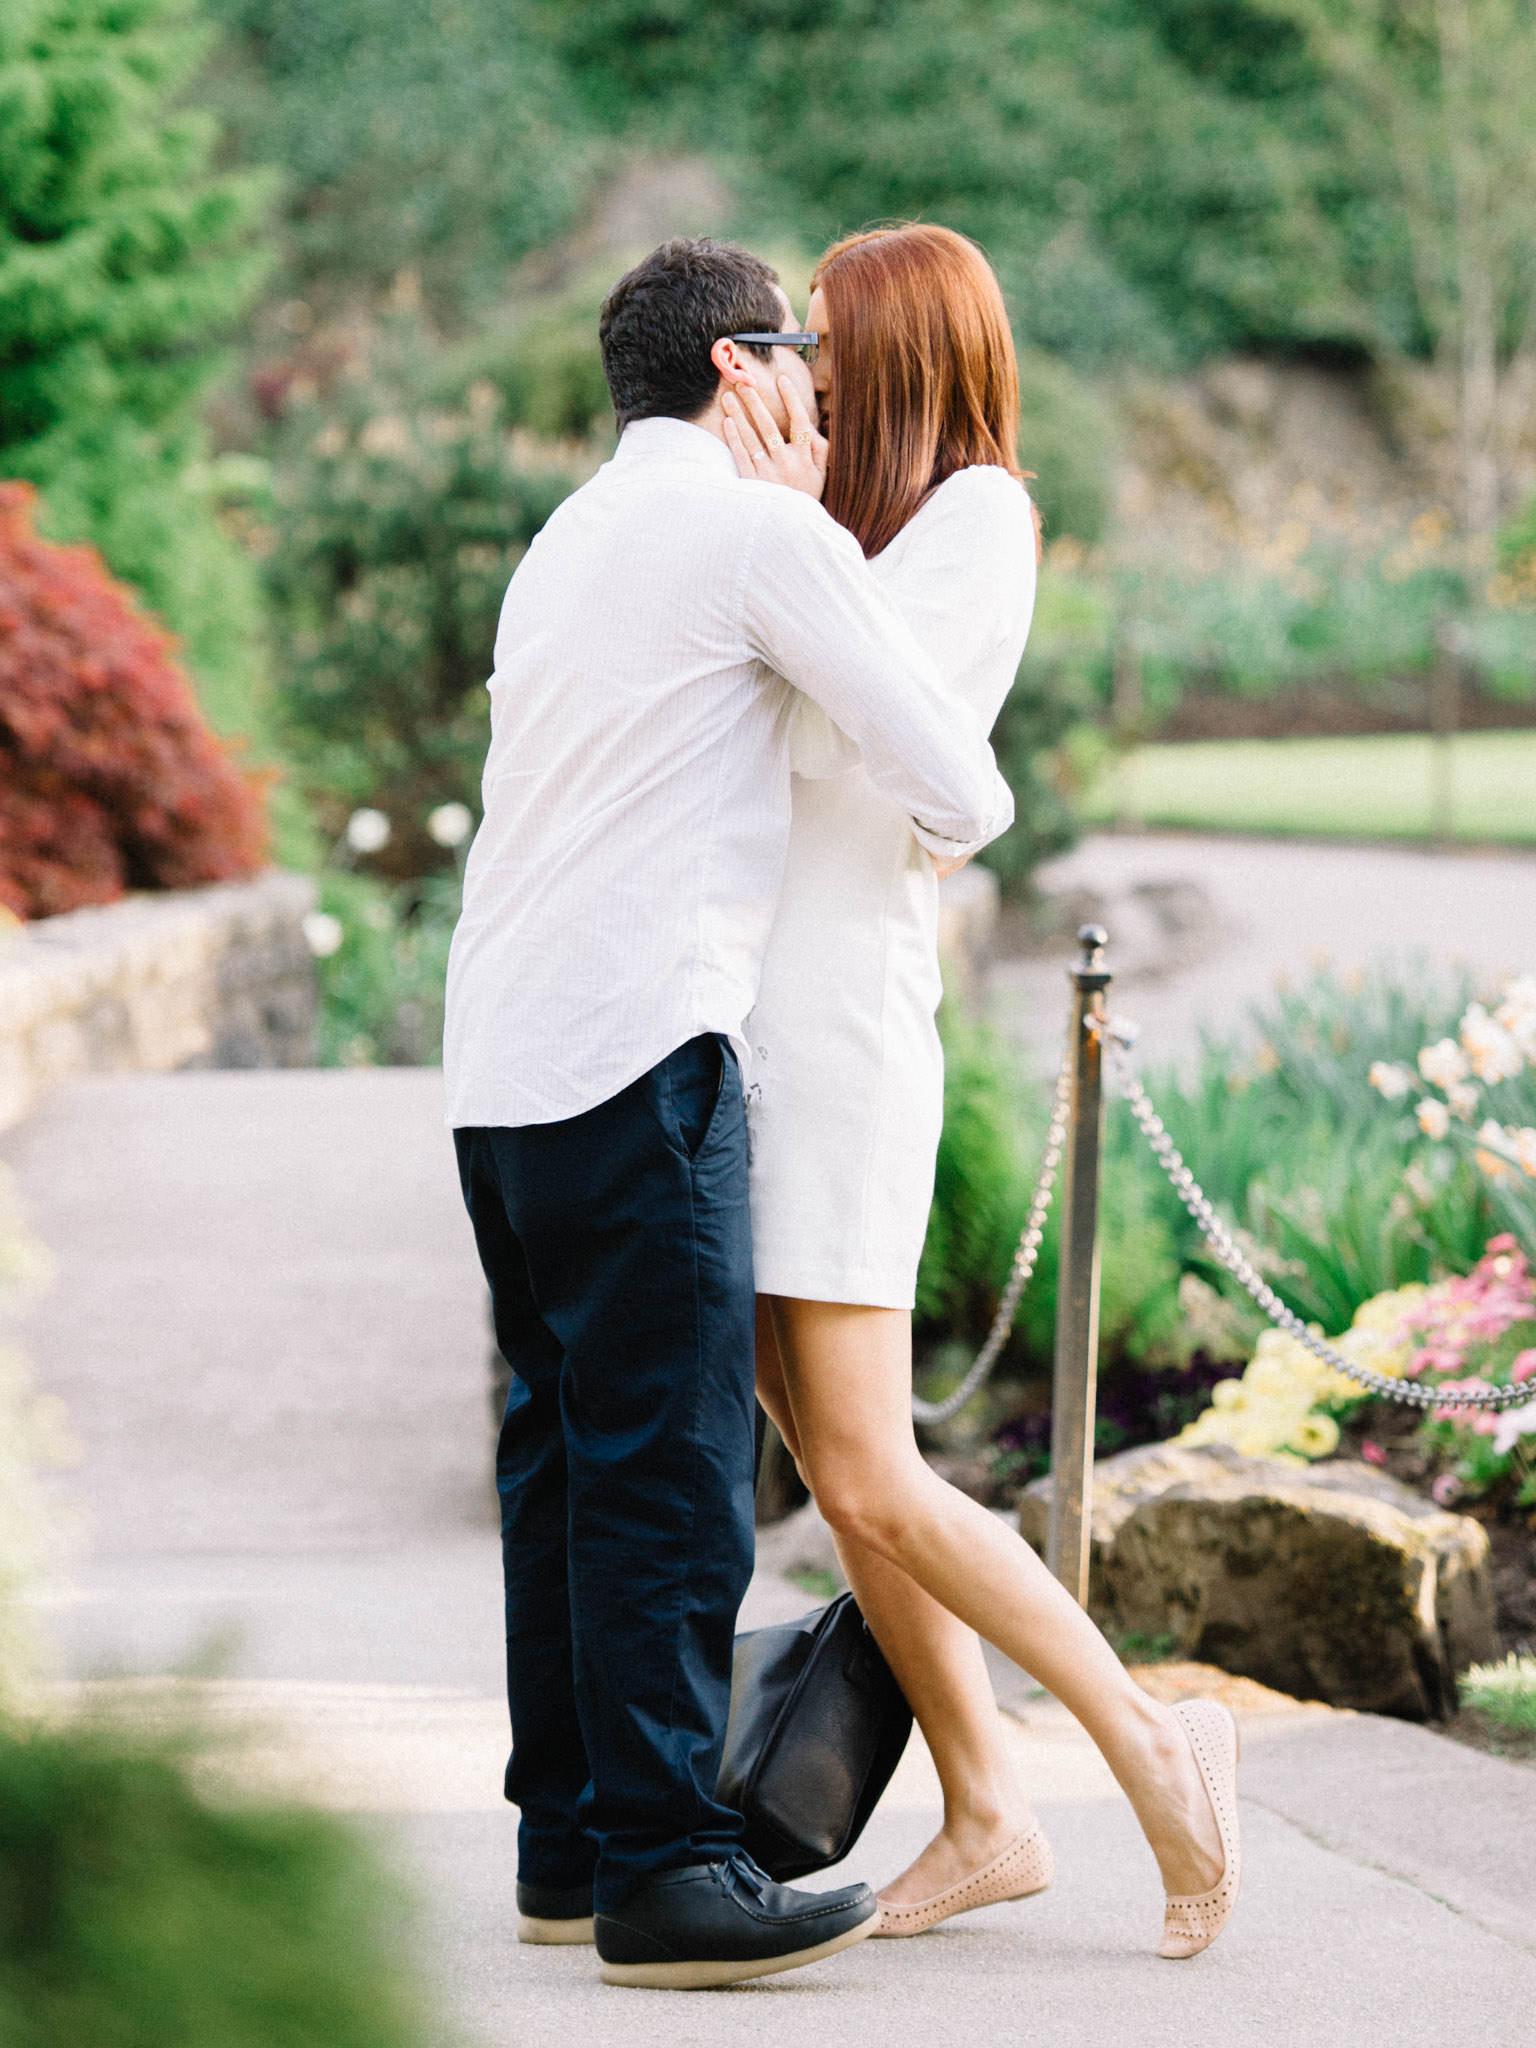 Queen Elizabeth Park surprise proposal photography